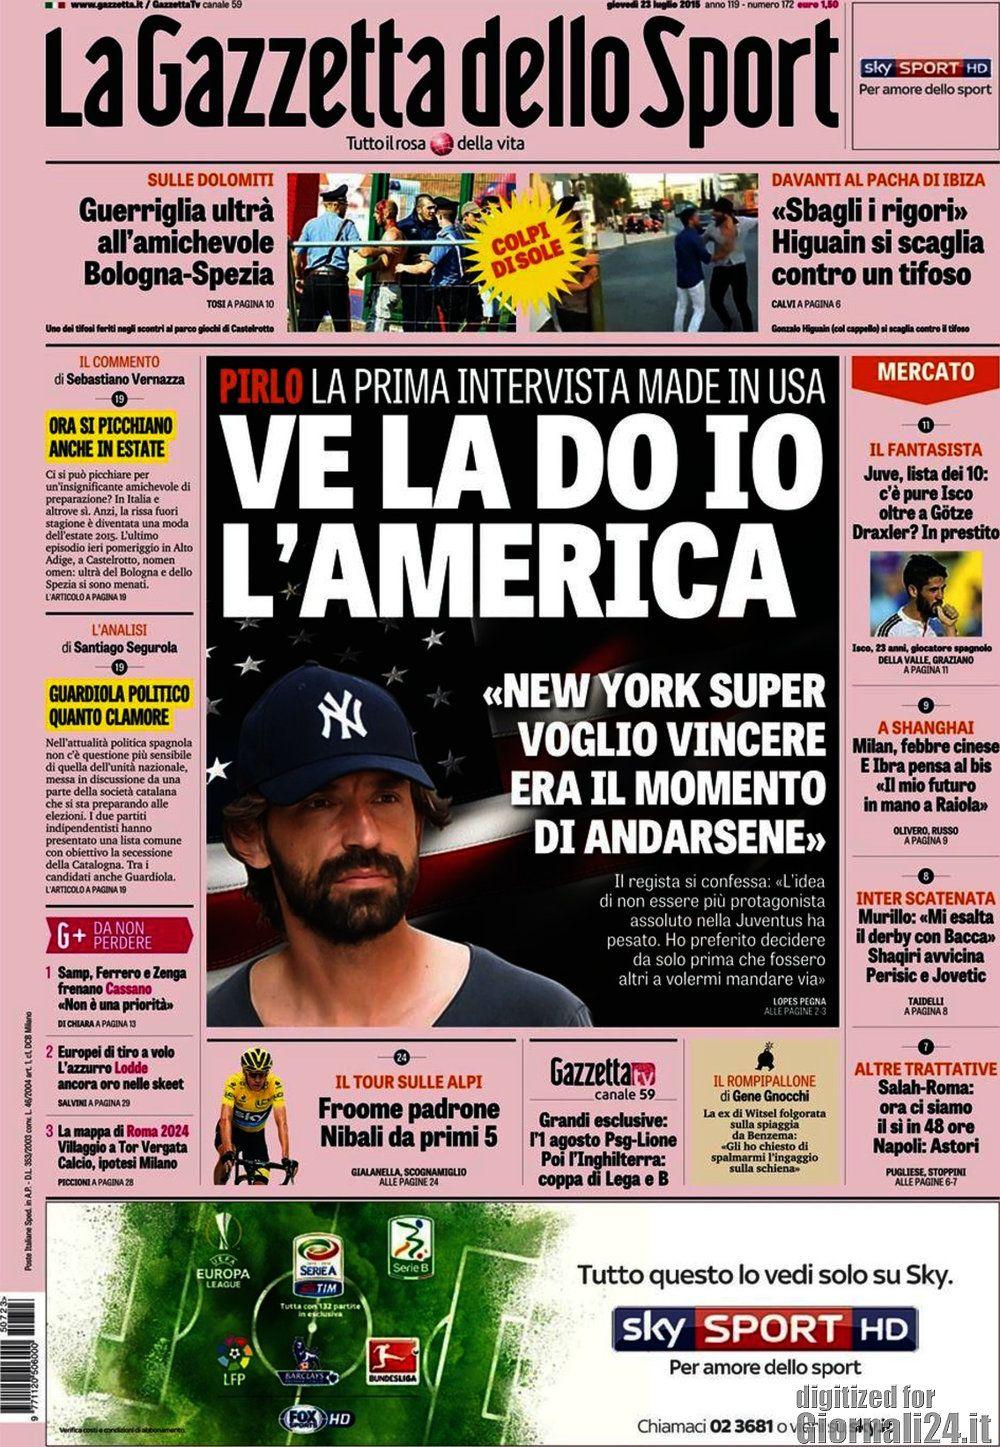 Gazzetta dello Sport 23-07-2015